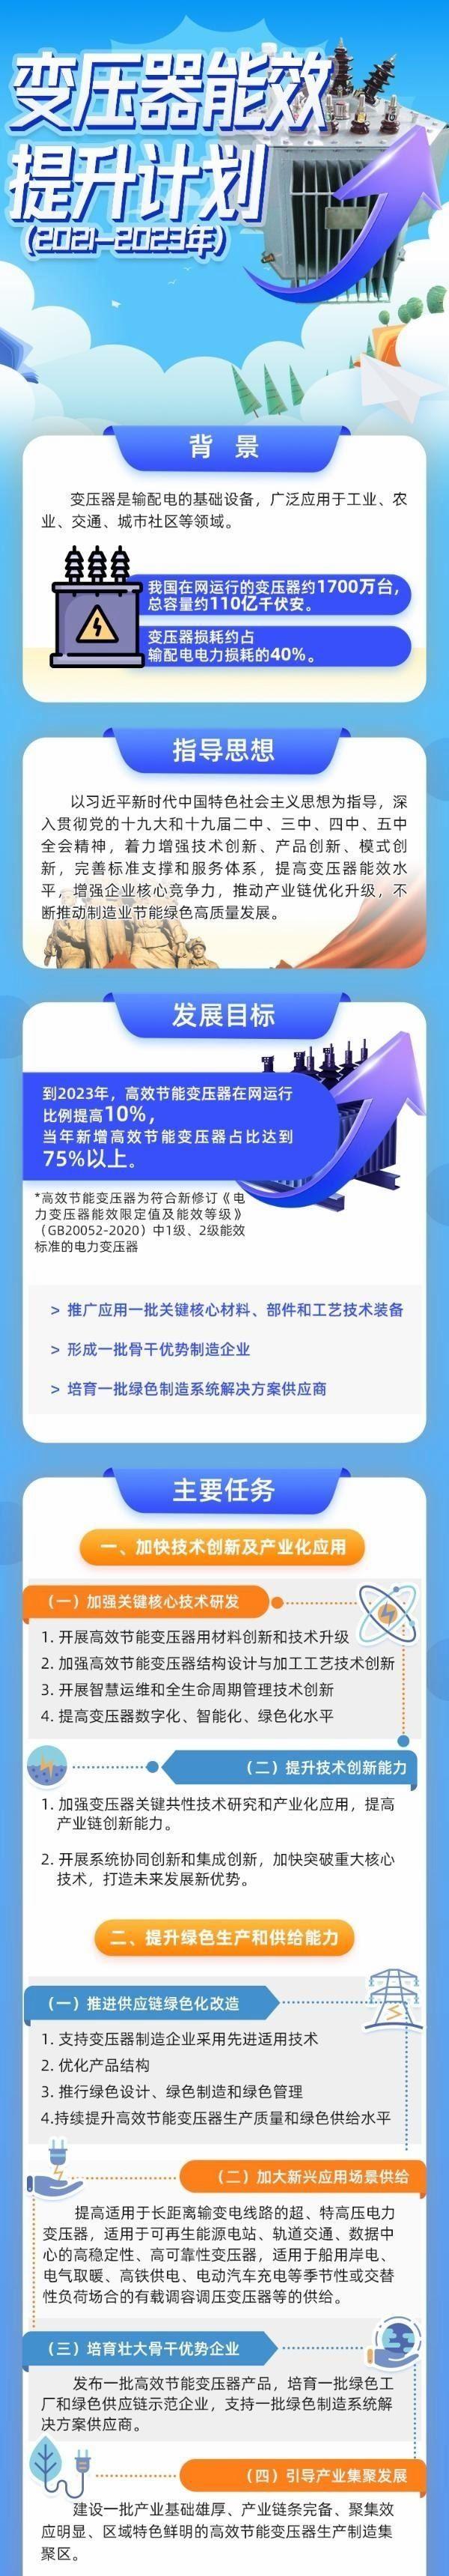 一图读懂《变压器能效提升计划(2021-2023年)》